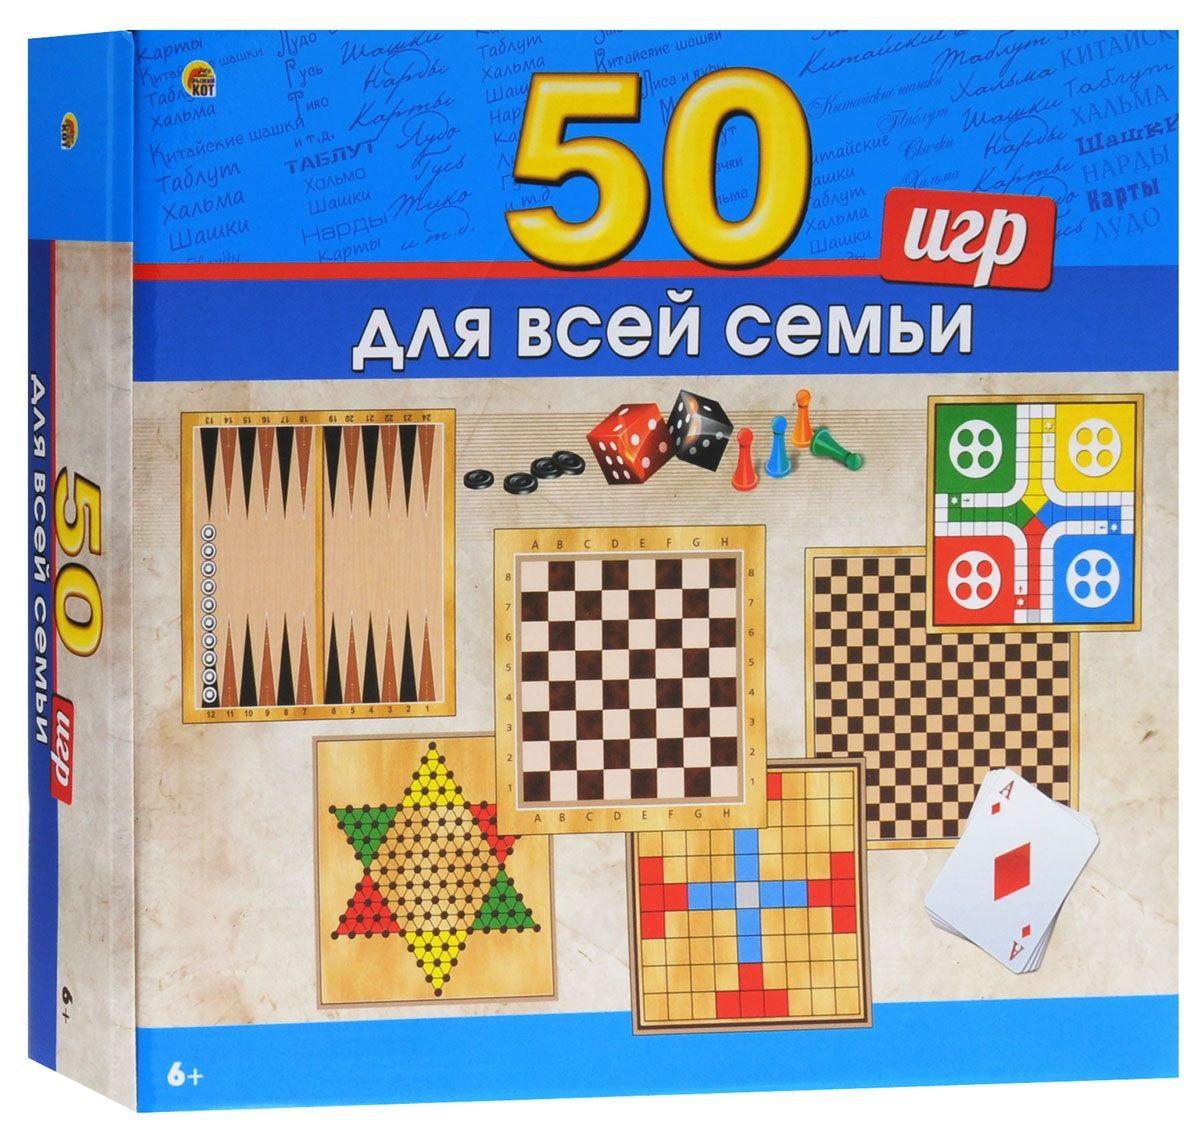 Купить Набор настольных игр для всей семьи, 50 игр в 1, Рыжий Кот